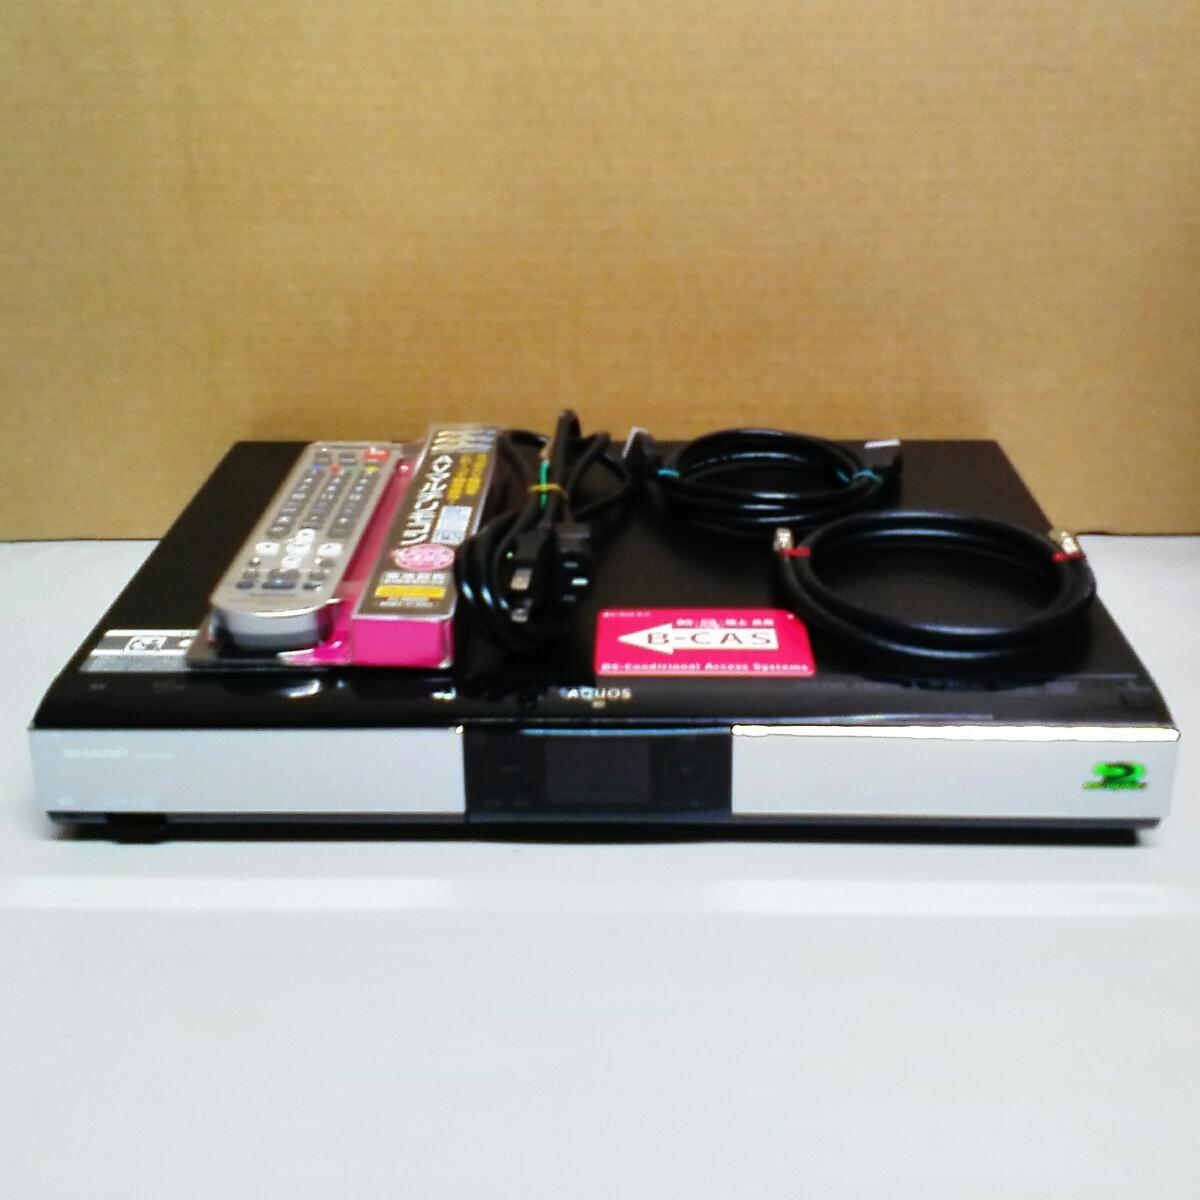 すぐに使えるセット!SHARP ブルーレイレコーダー AQUOS BD-HDW55 [W録画/500GB]._画像2